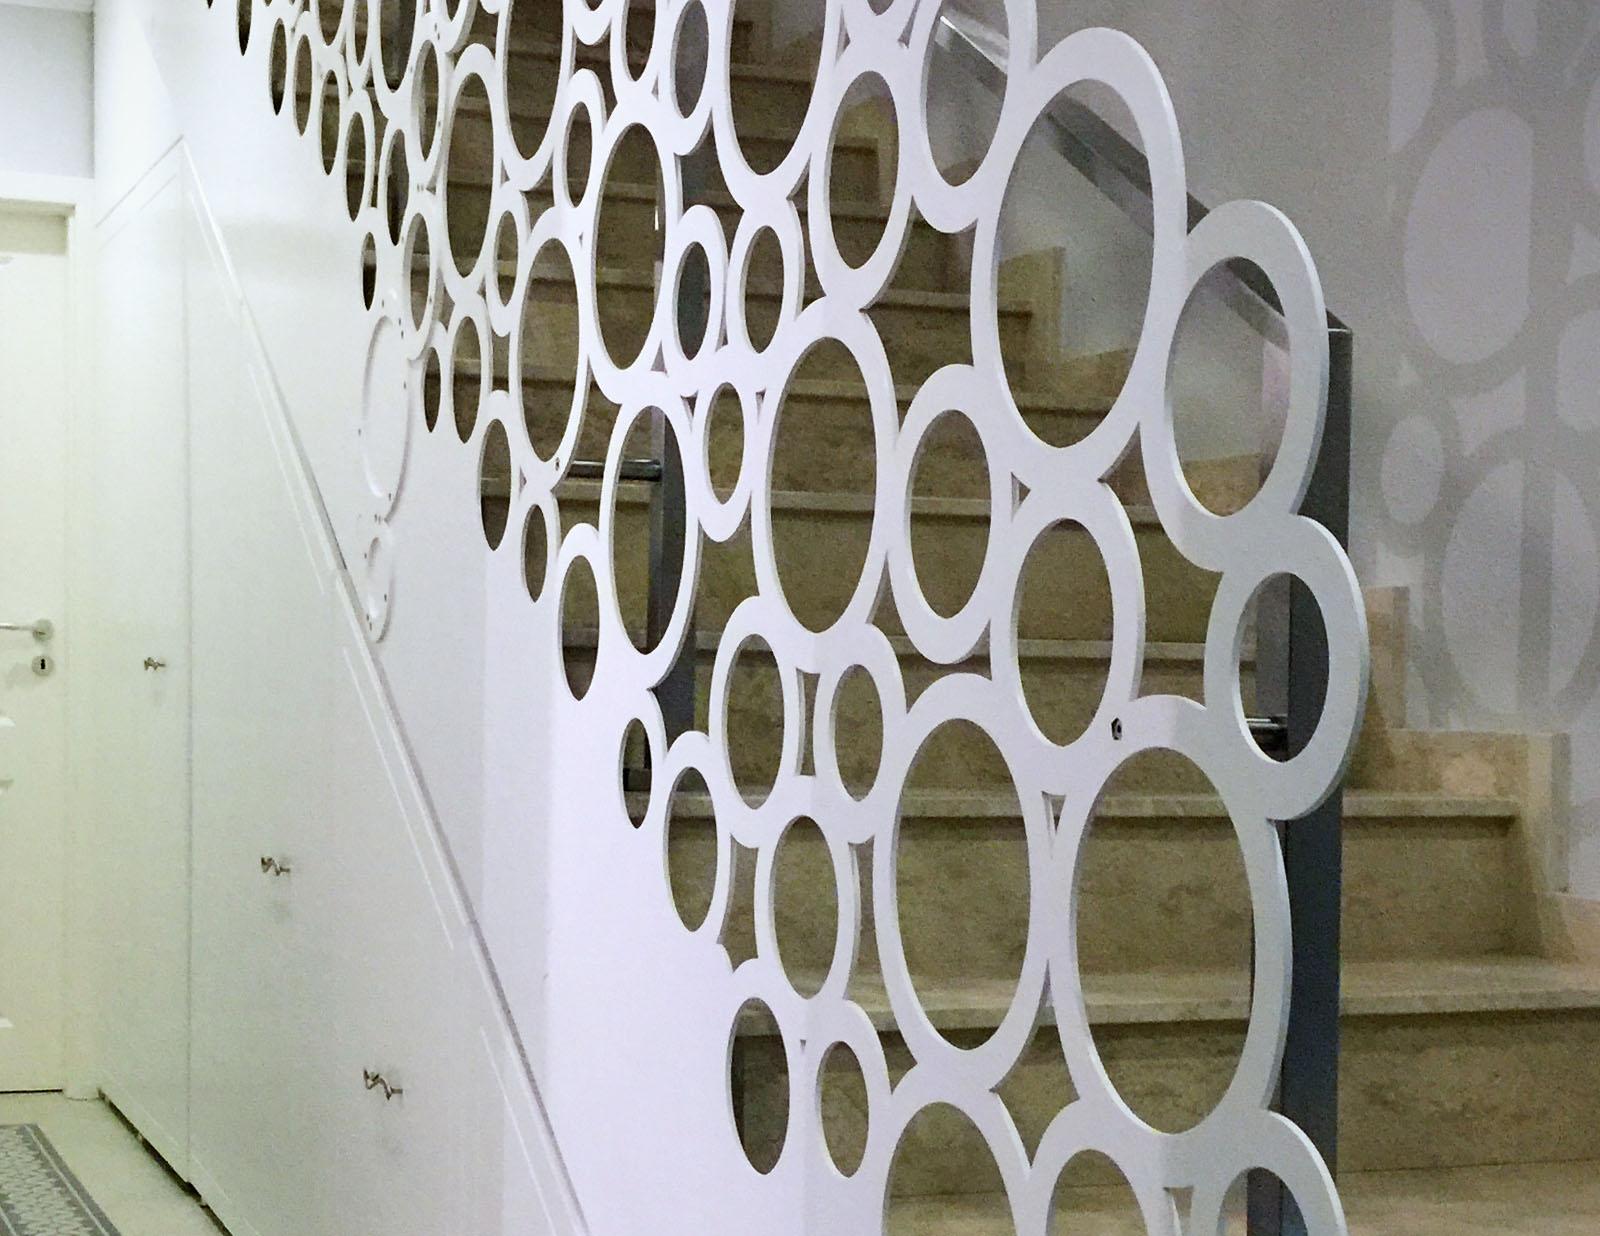 Scara interioara adela parvu balustrada otel haute couture